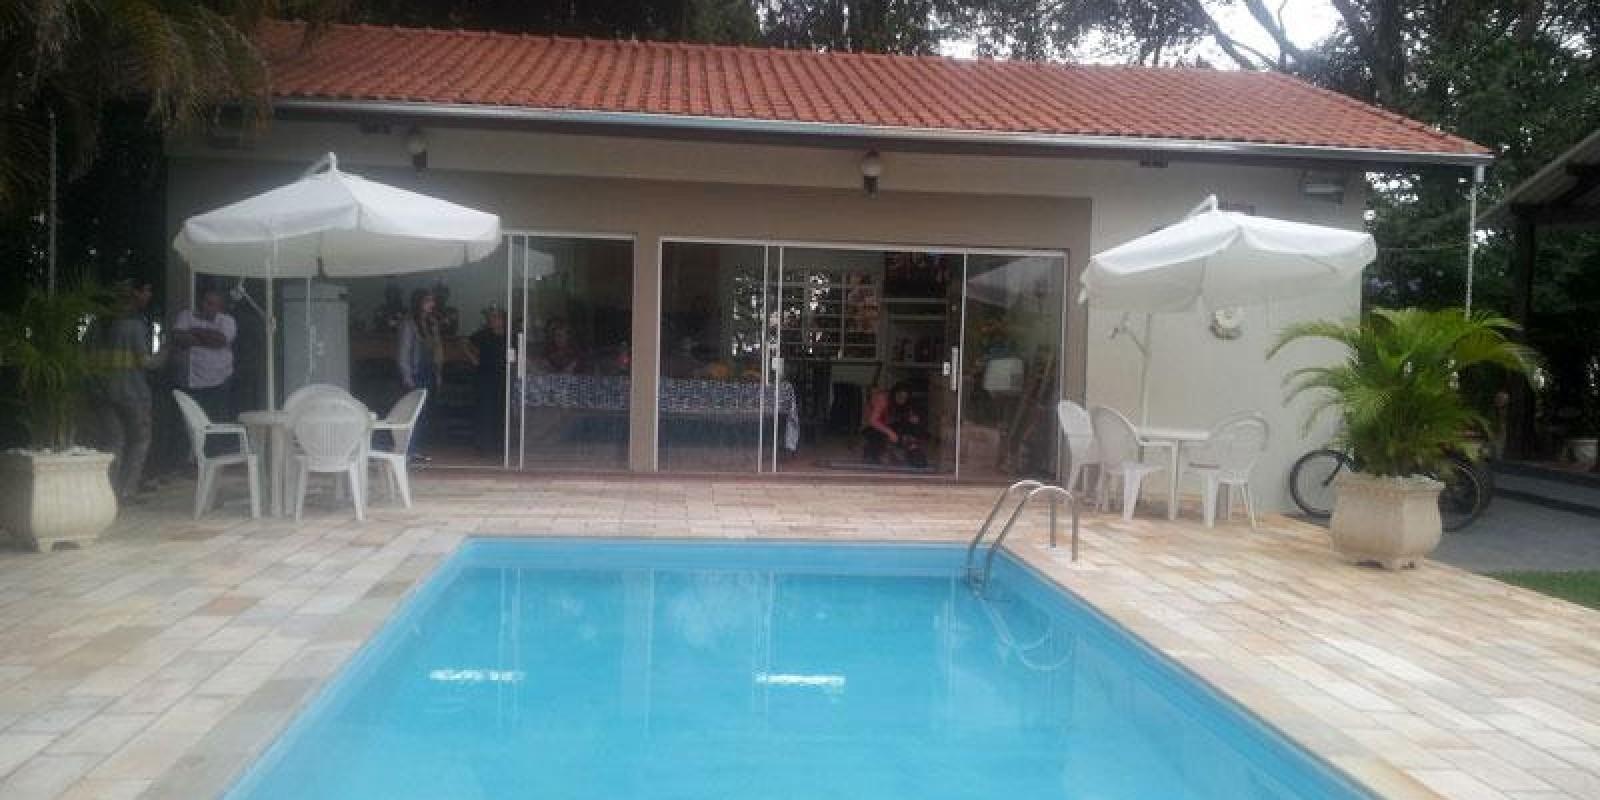 Casa na Represa Costa Azul em Avaré SP - Foto 11 de 20